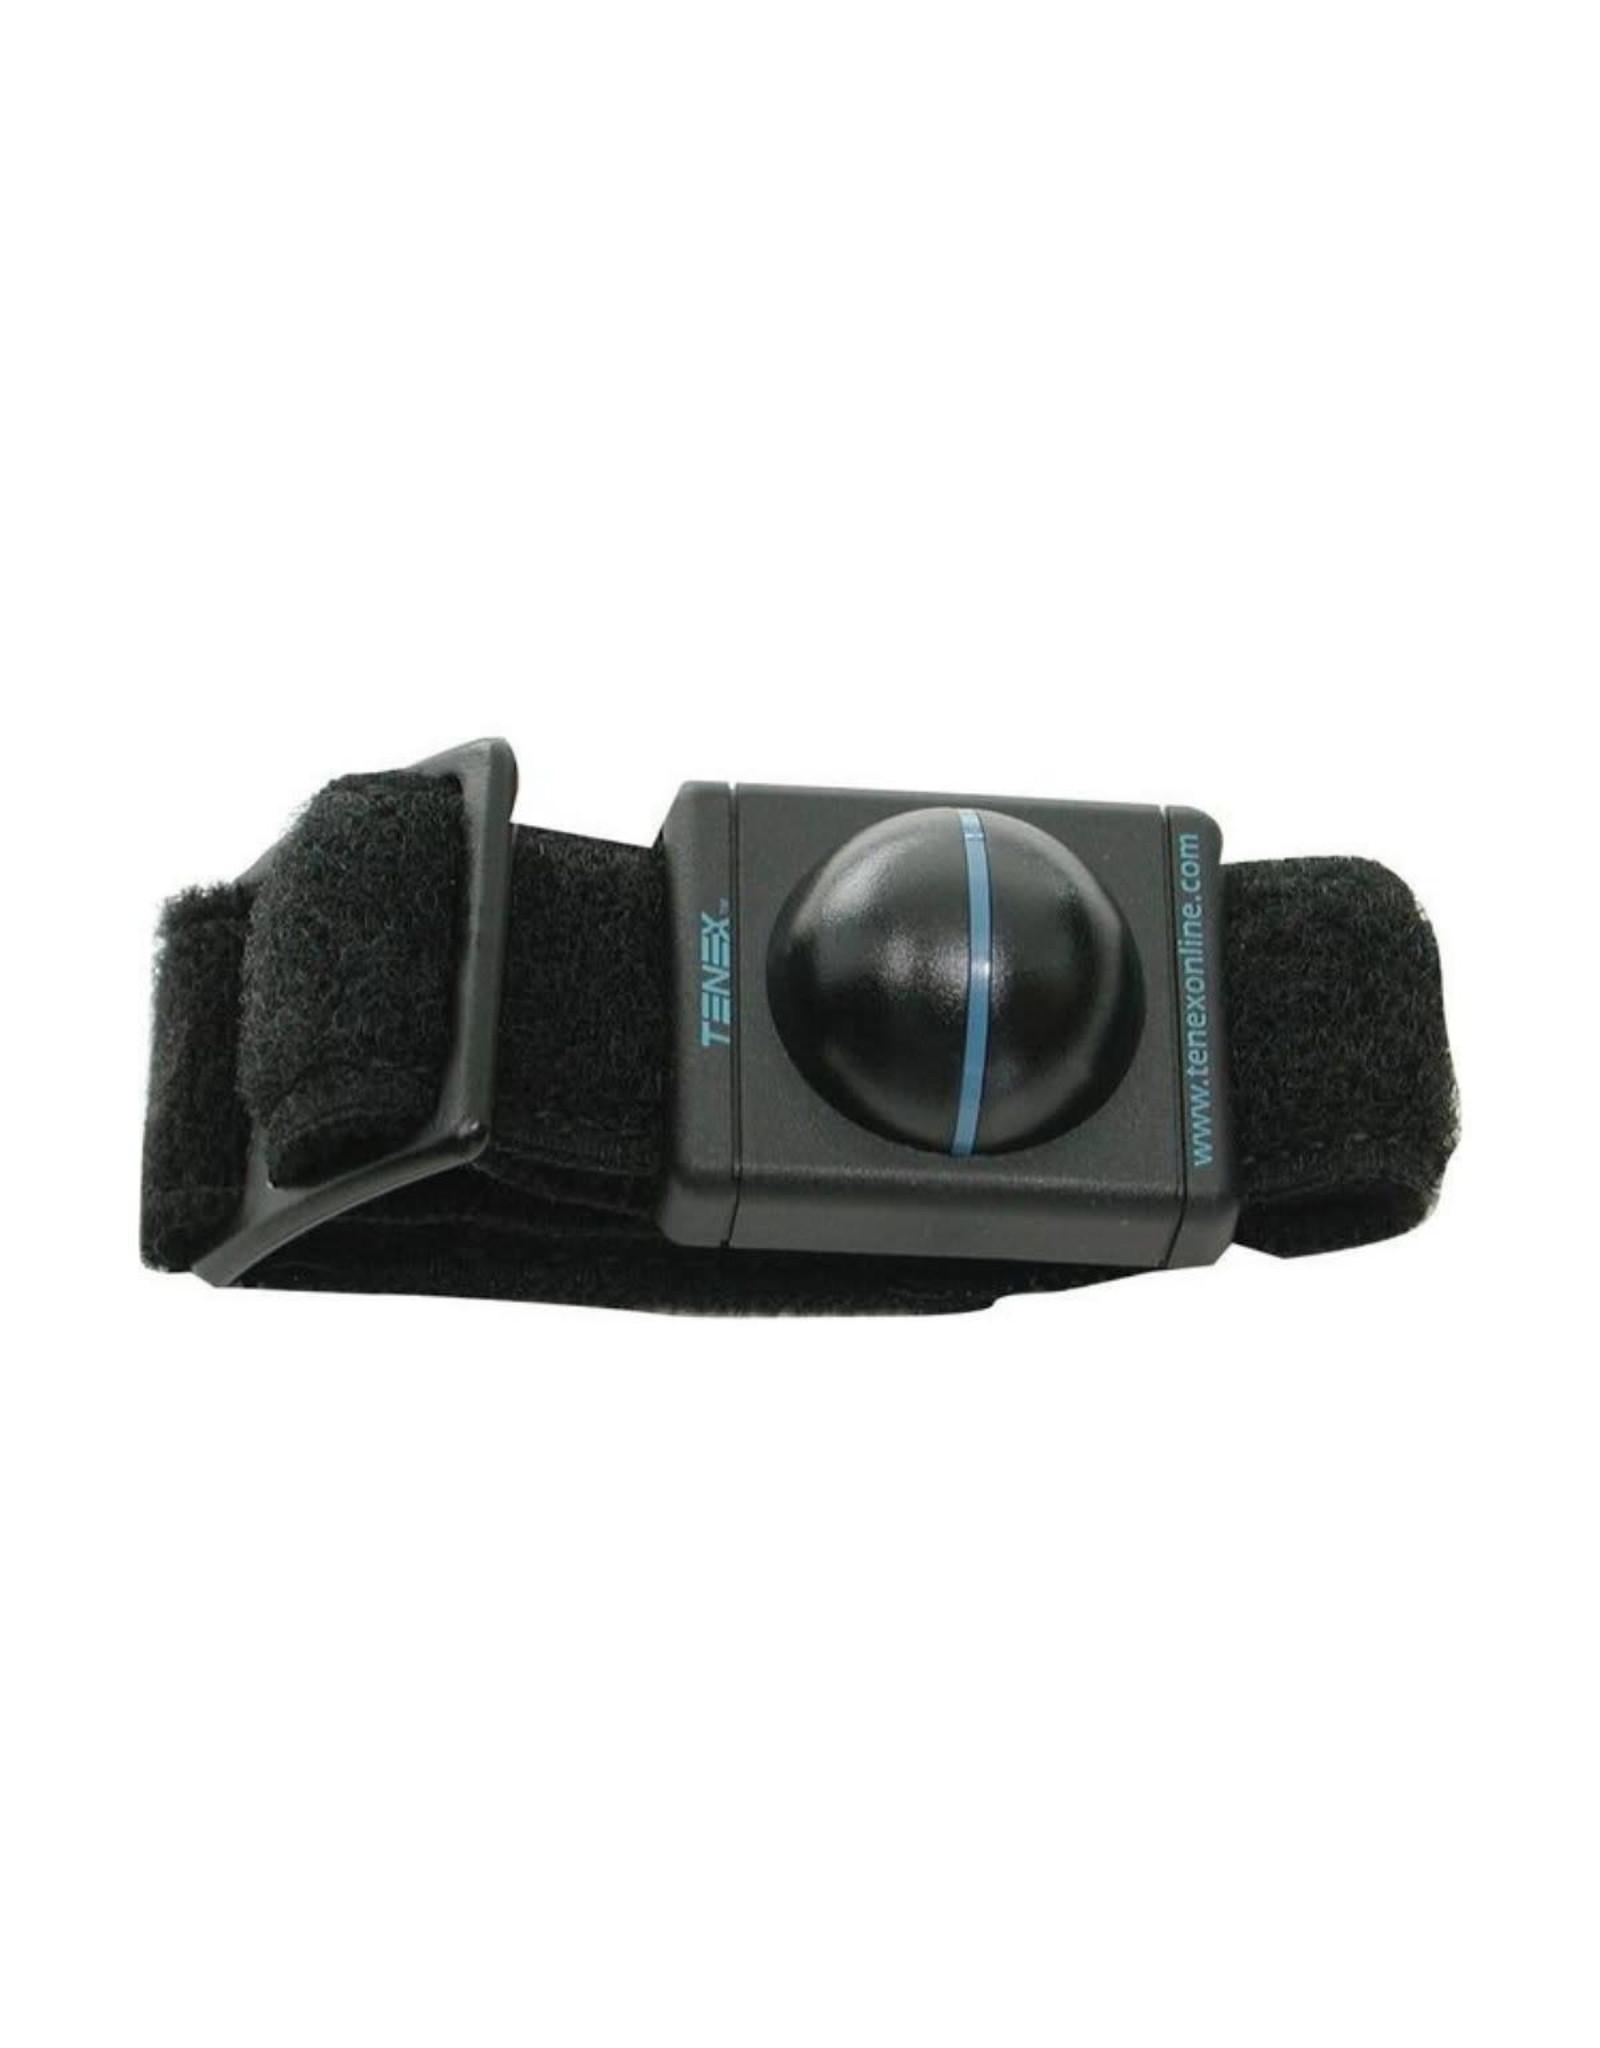 Gamma Tenex Elbow Shock Watch